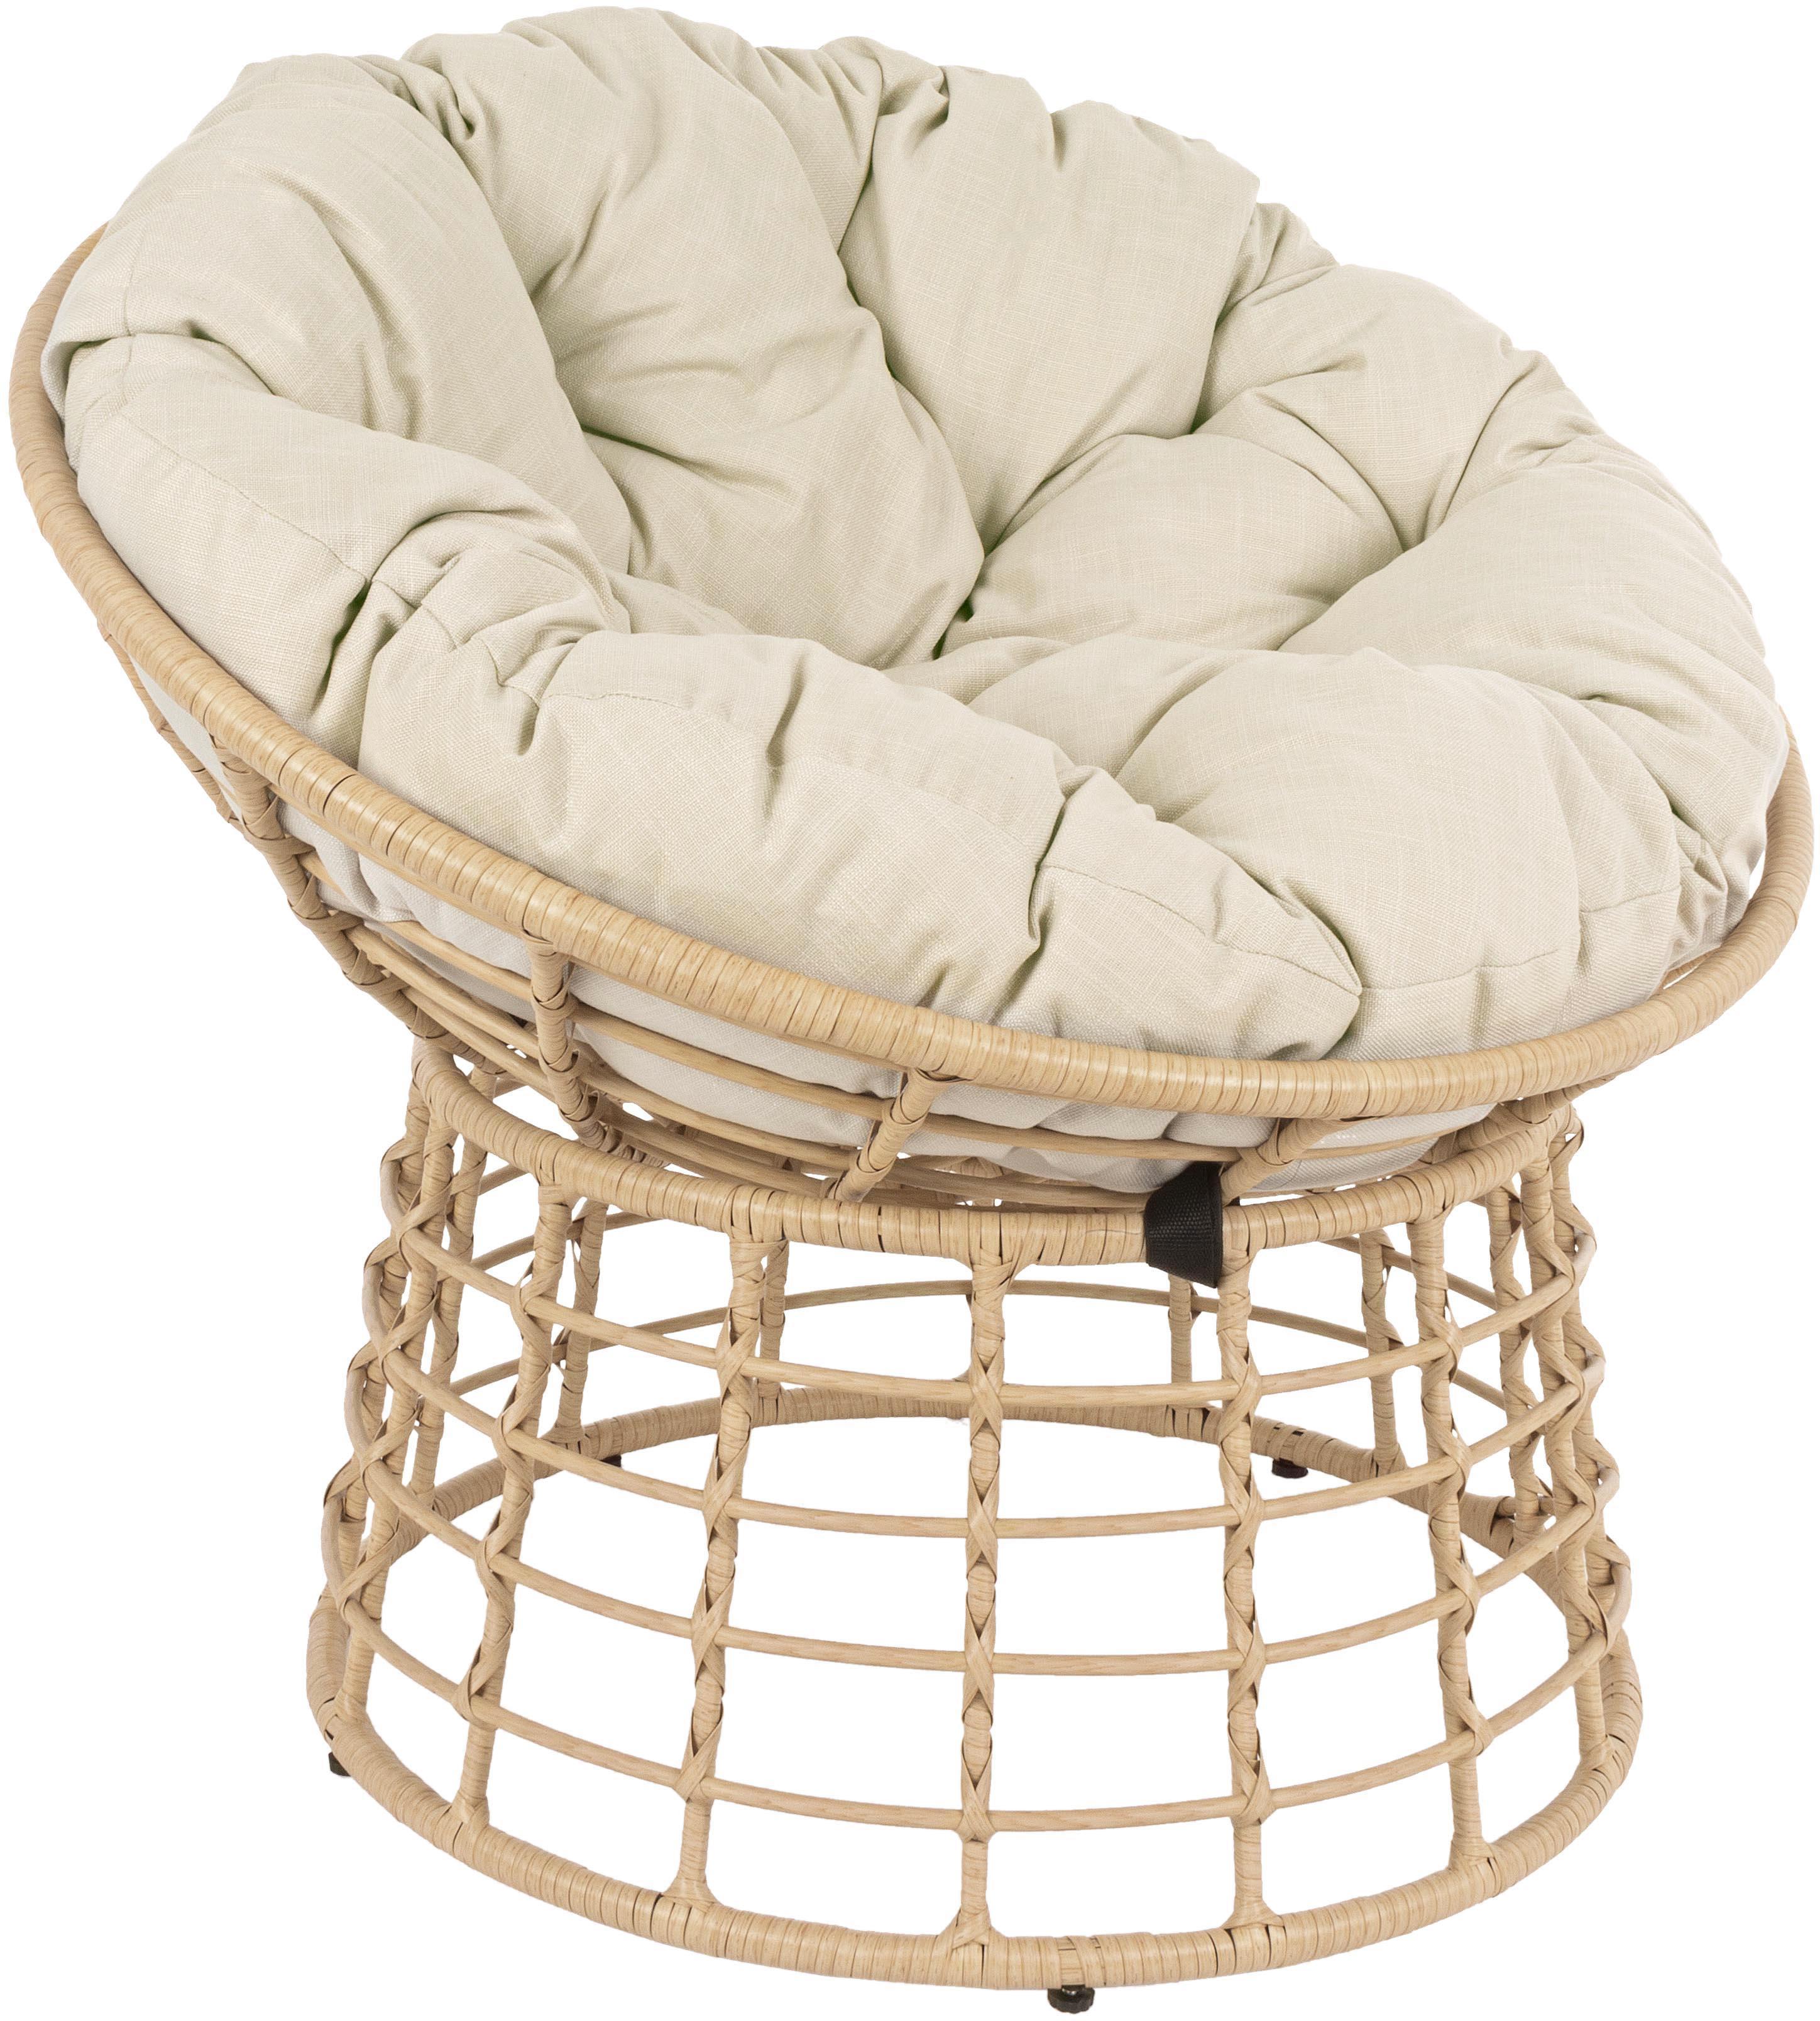 Outdoor fauteuil Molly, Frame: gepoedercoat staal, Zitvlak: synthetische vezels, Bekleding: polyester, Lichtbruin, beige, Ø 92 x H 78 cm